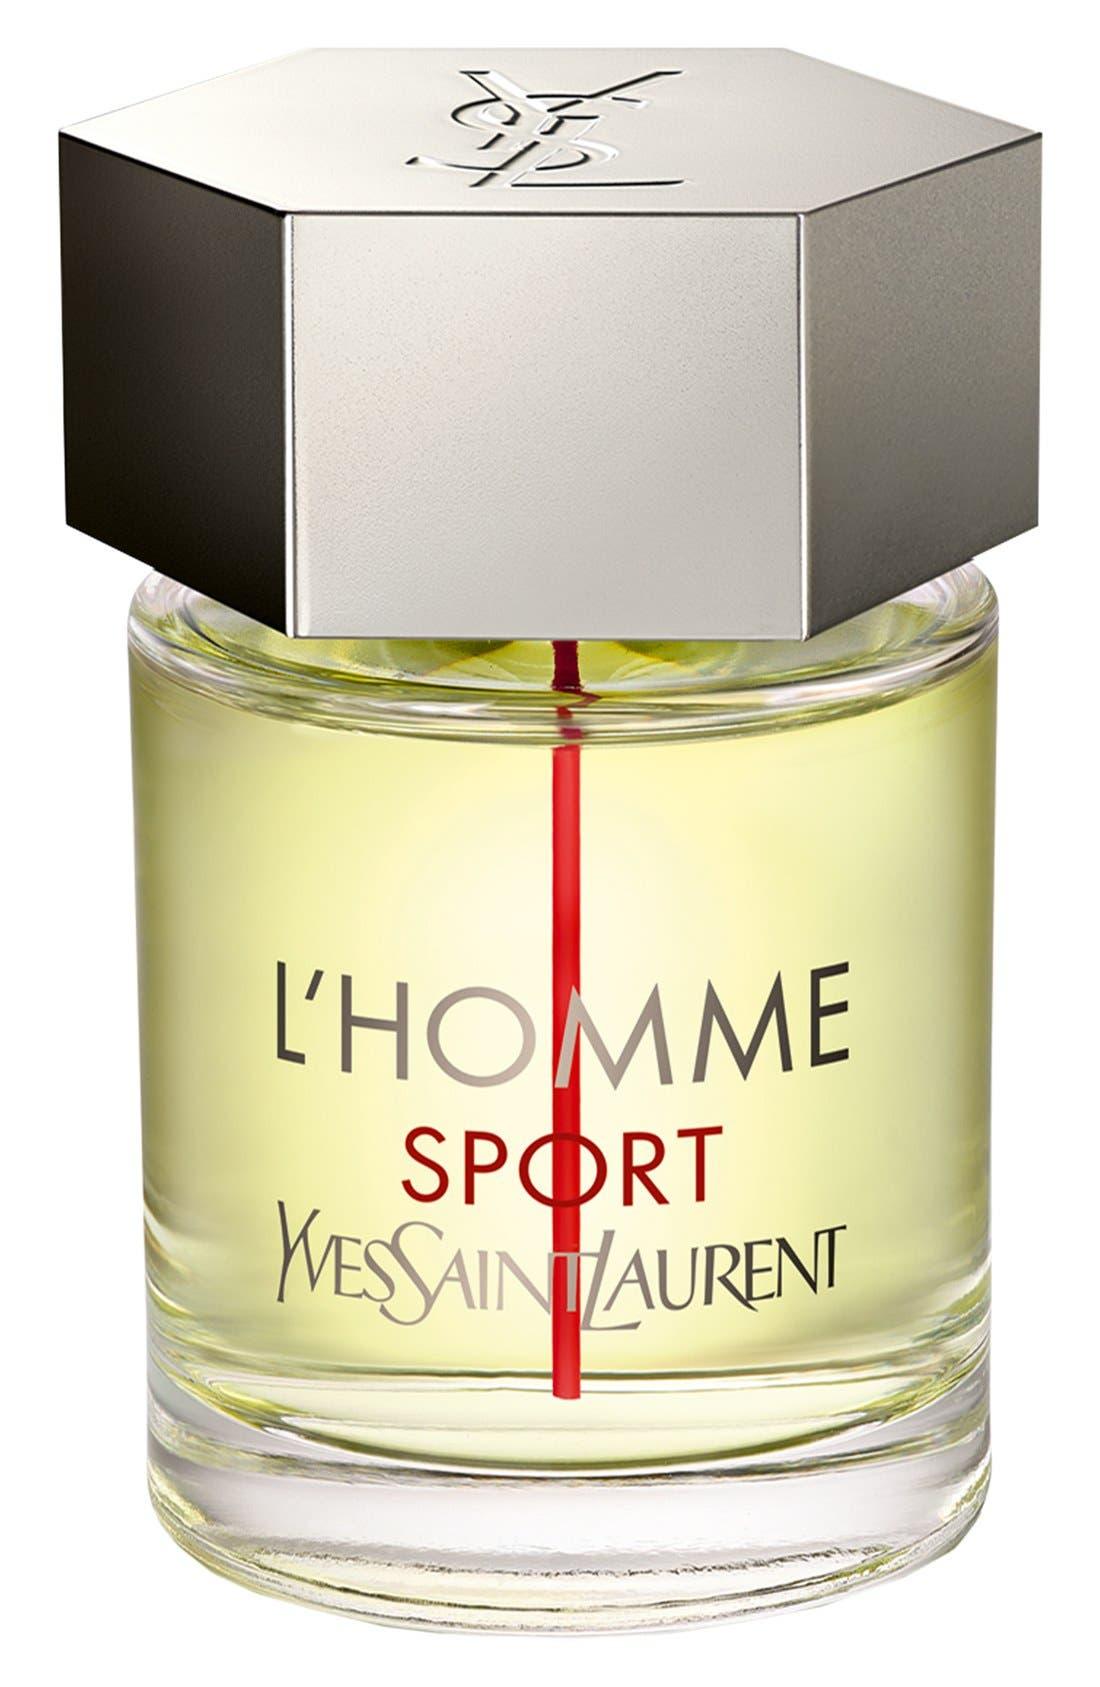 Yves Saint Laurent 'L'Homme Sport' Eau de Toilette